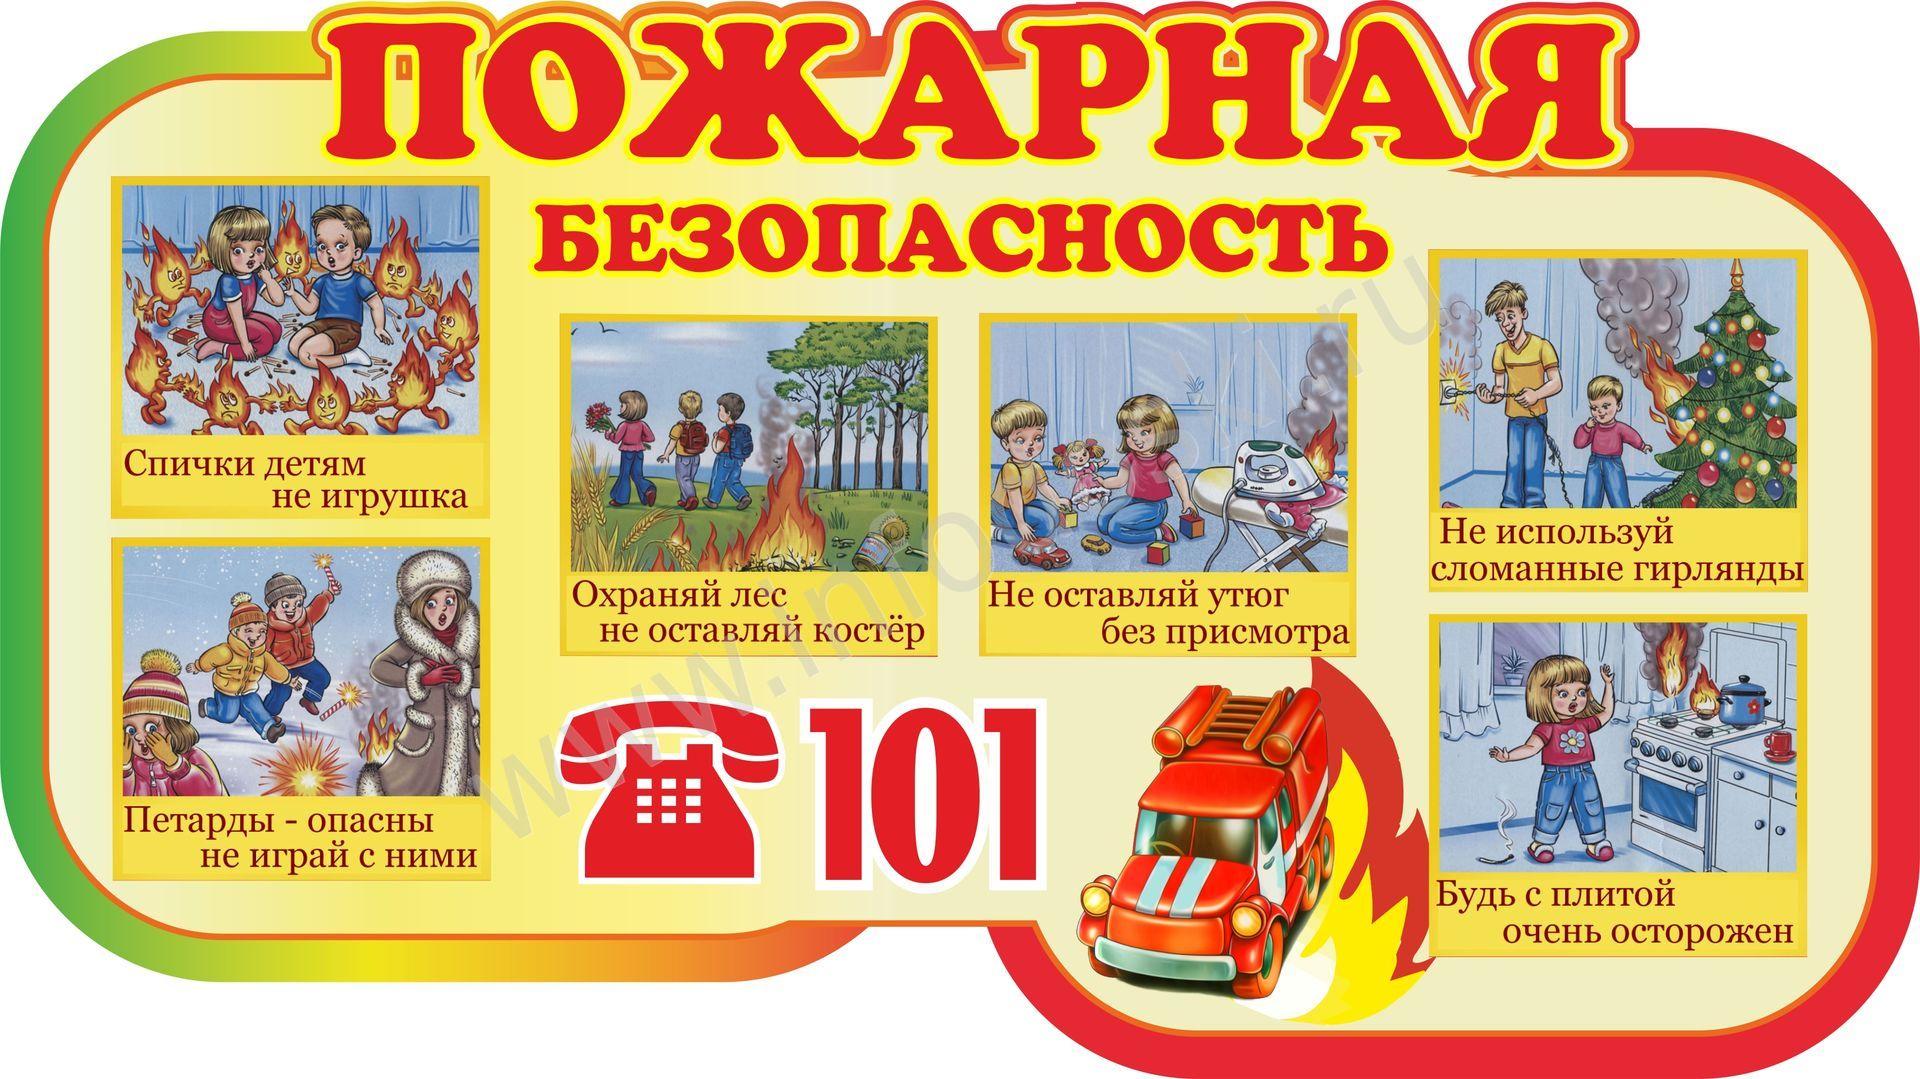 Картинки о пожарной безопасности для стенда